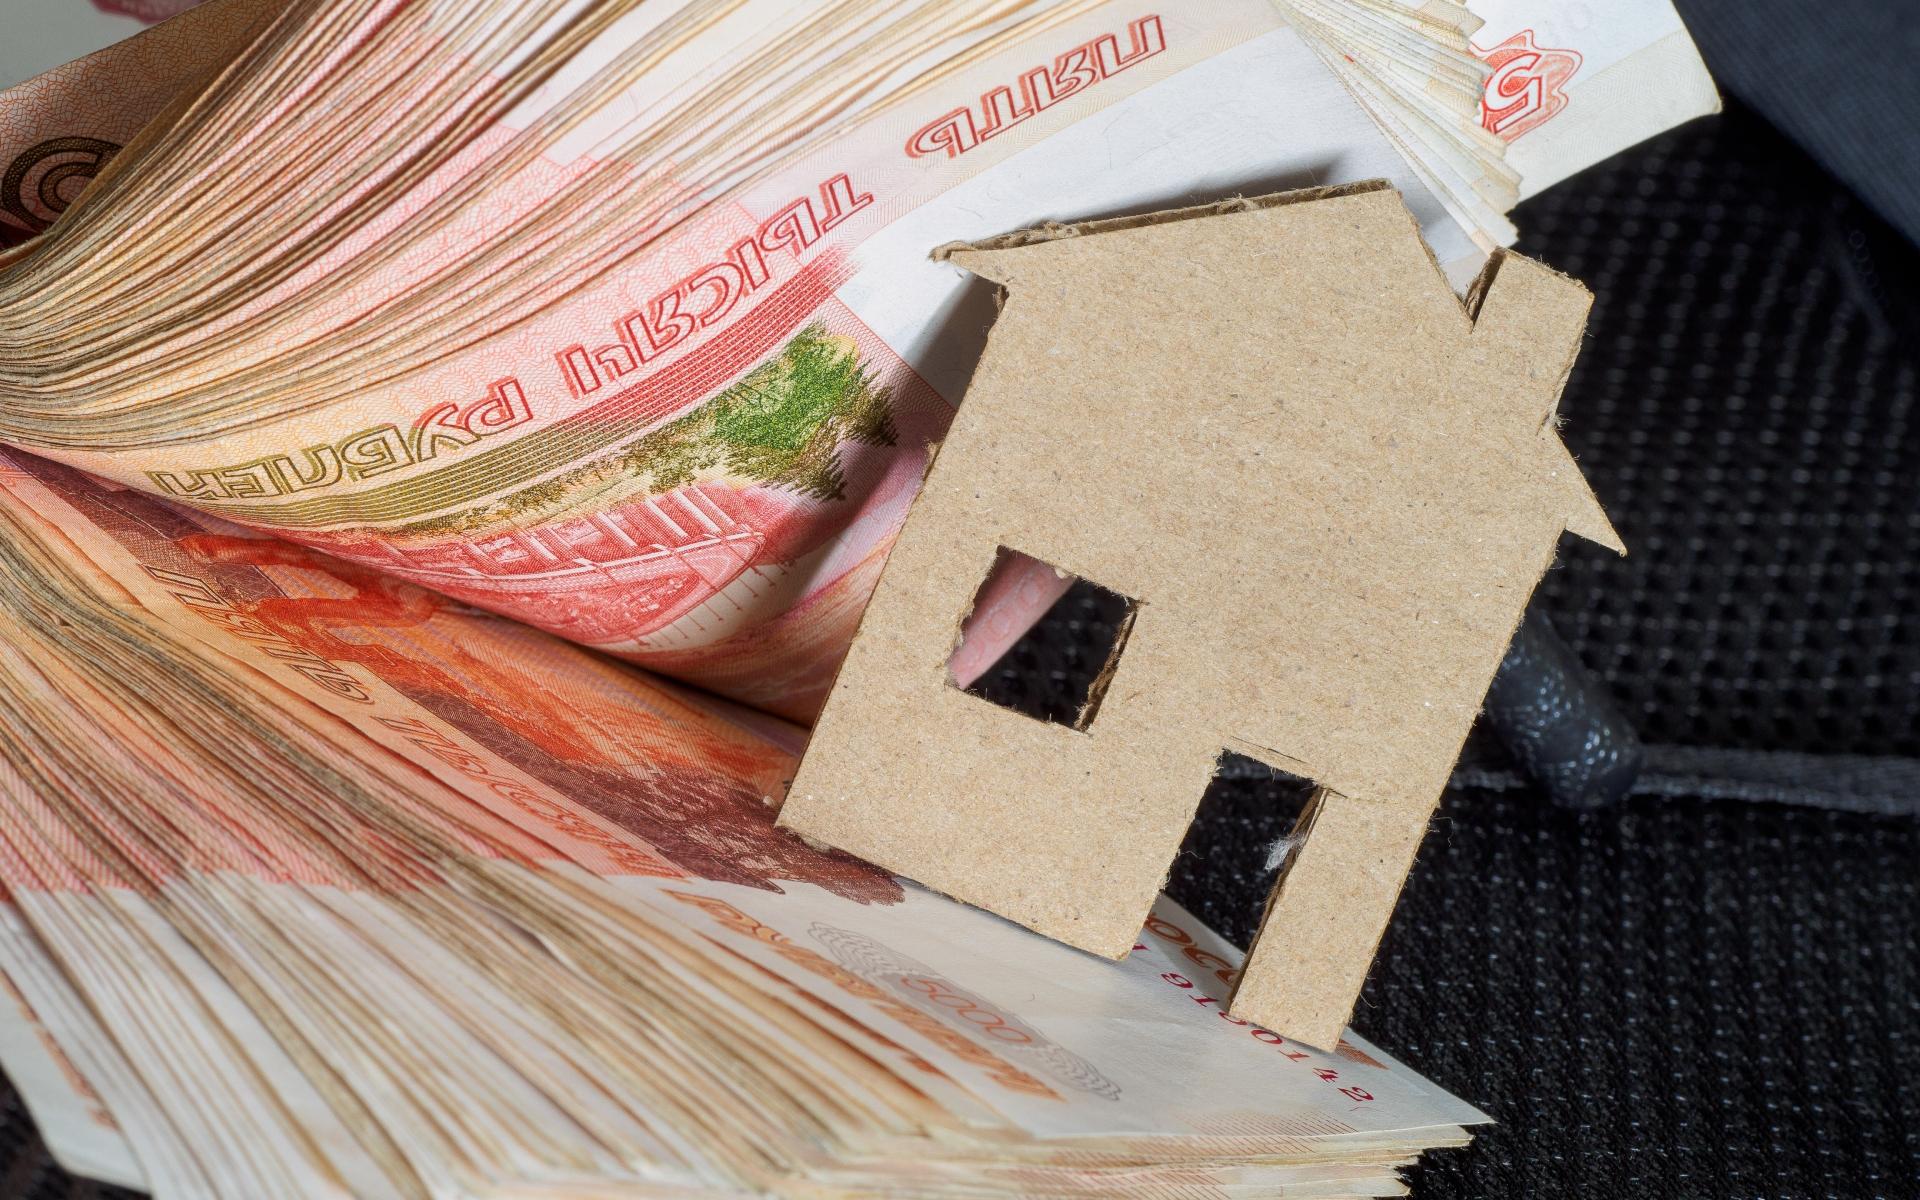 Изменение процентных ставок привело к падению интереса к ипотеке